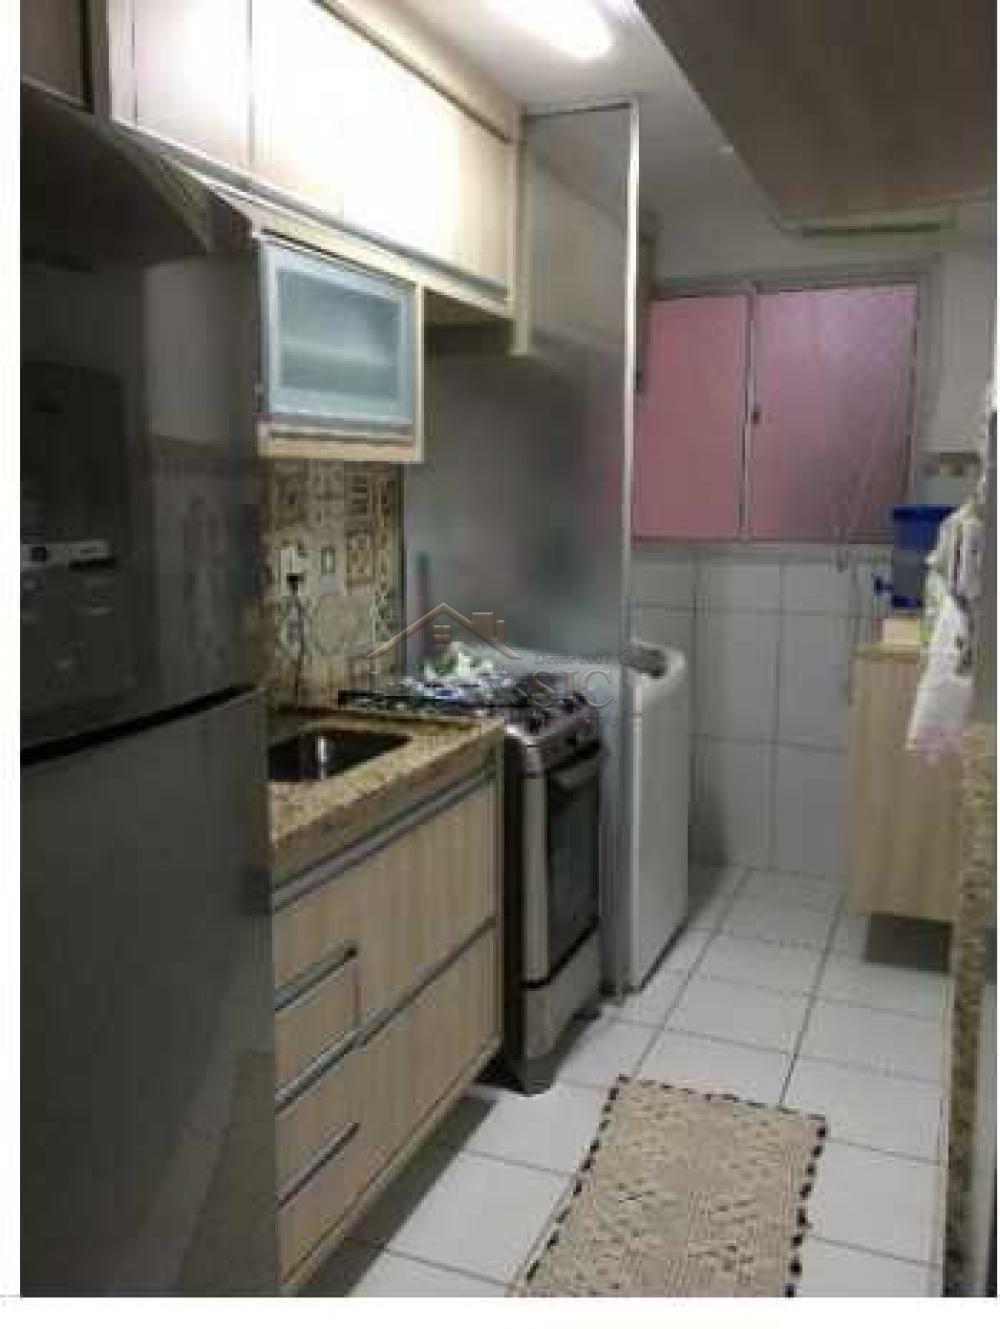 Comprar Apartamentos / Padrão em São José dos Campos apenas R$ 215.000,00 - Foto 9